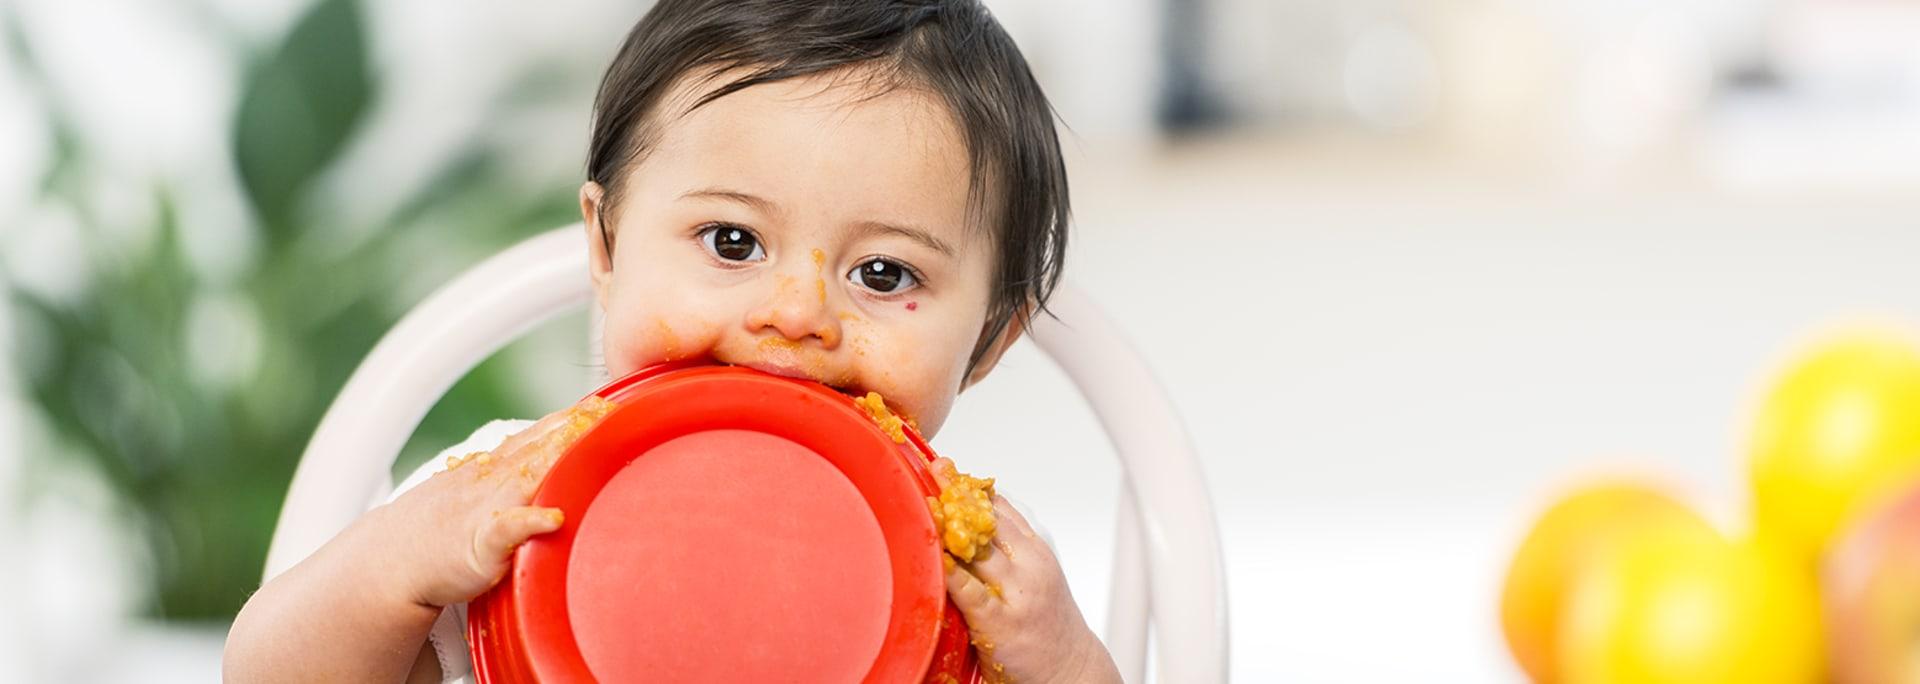 Barn äter måltid från Semper